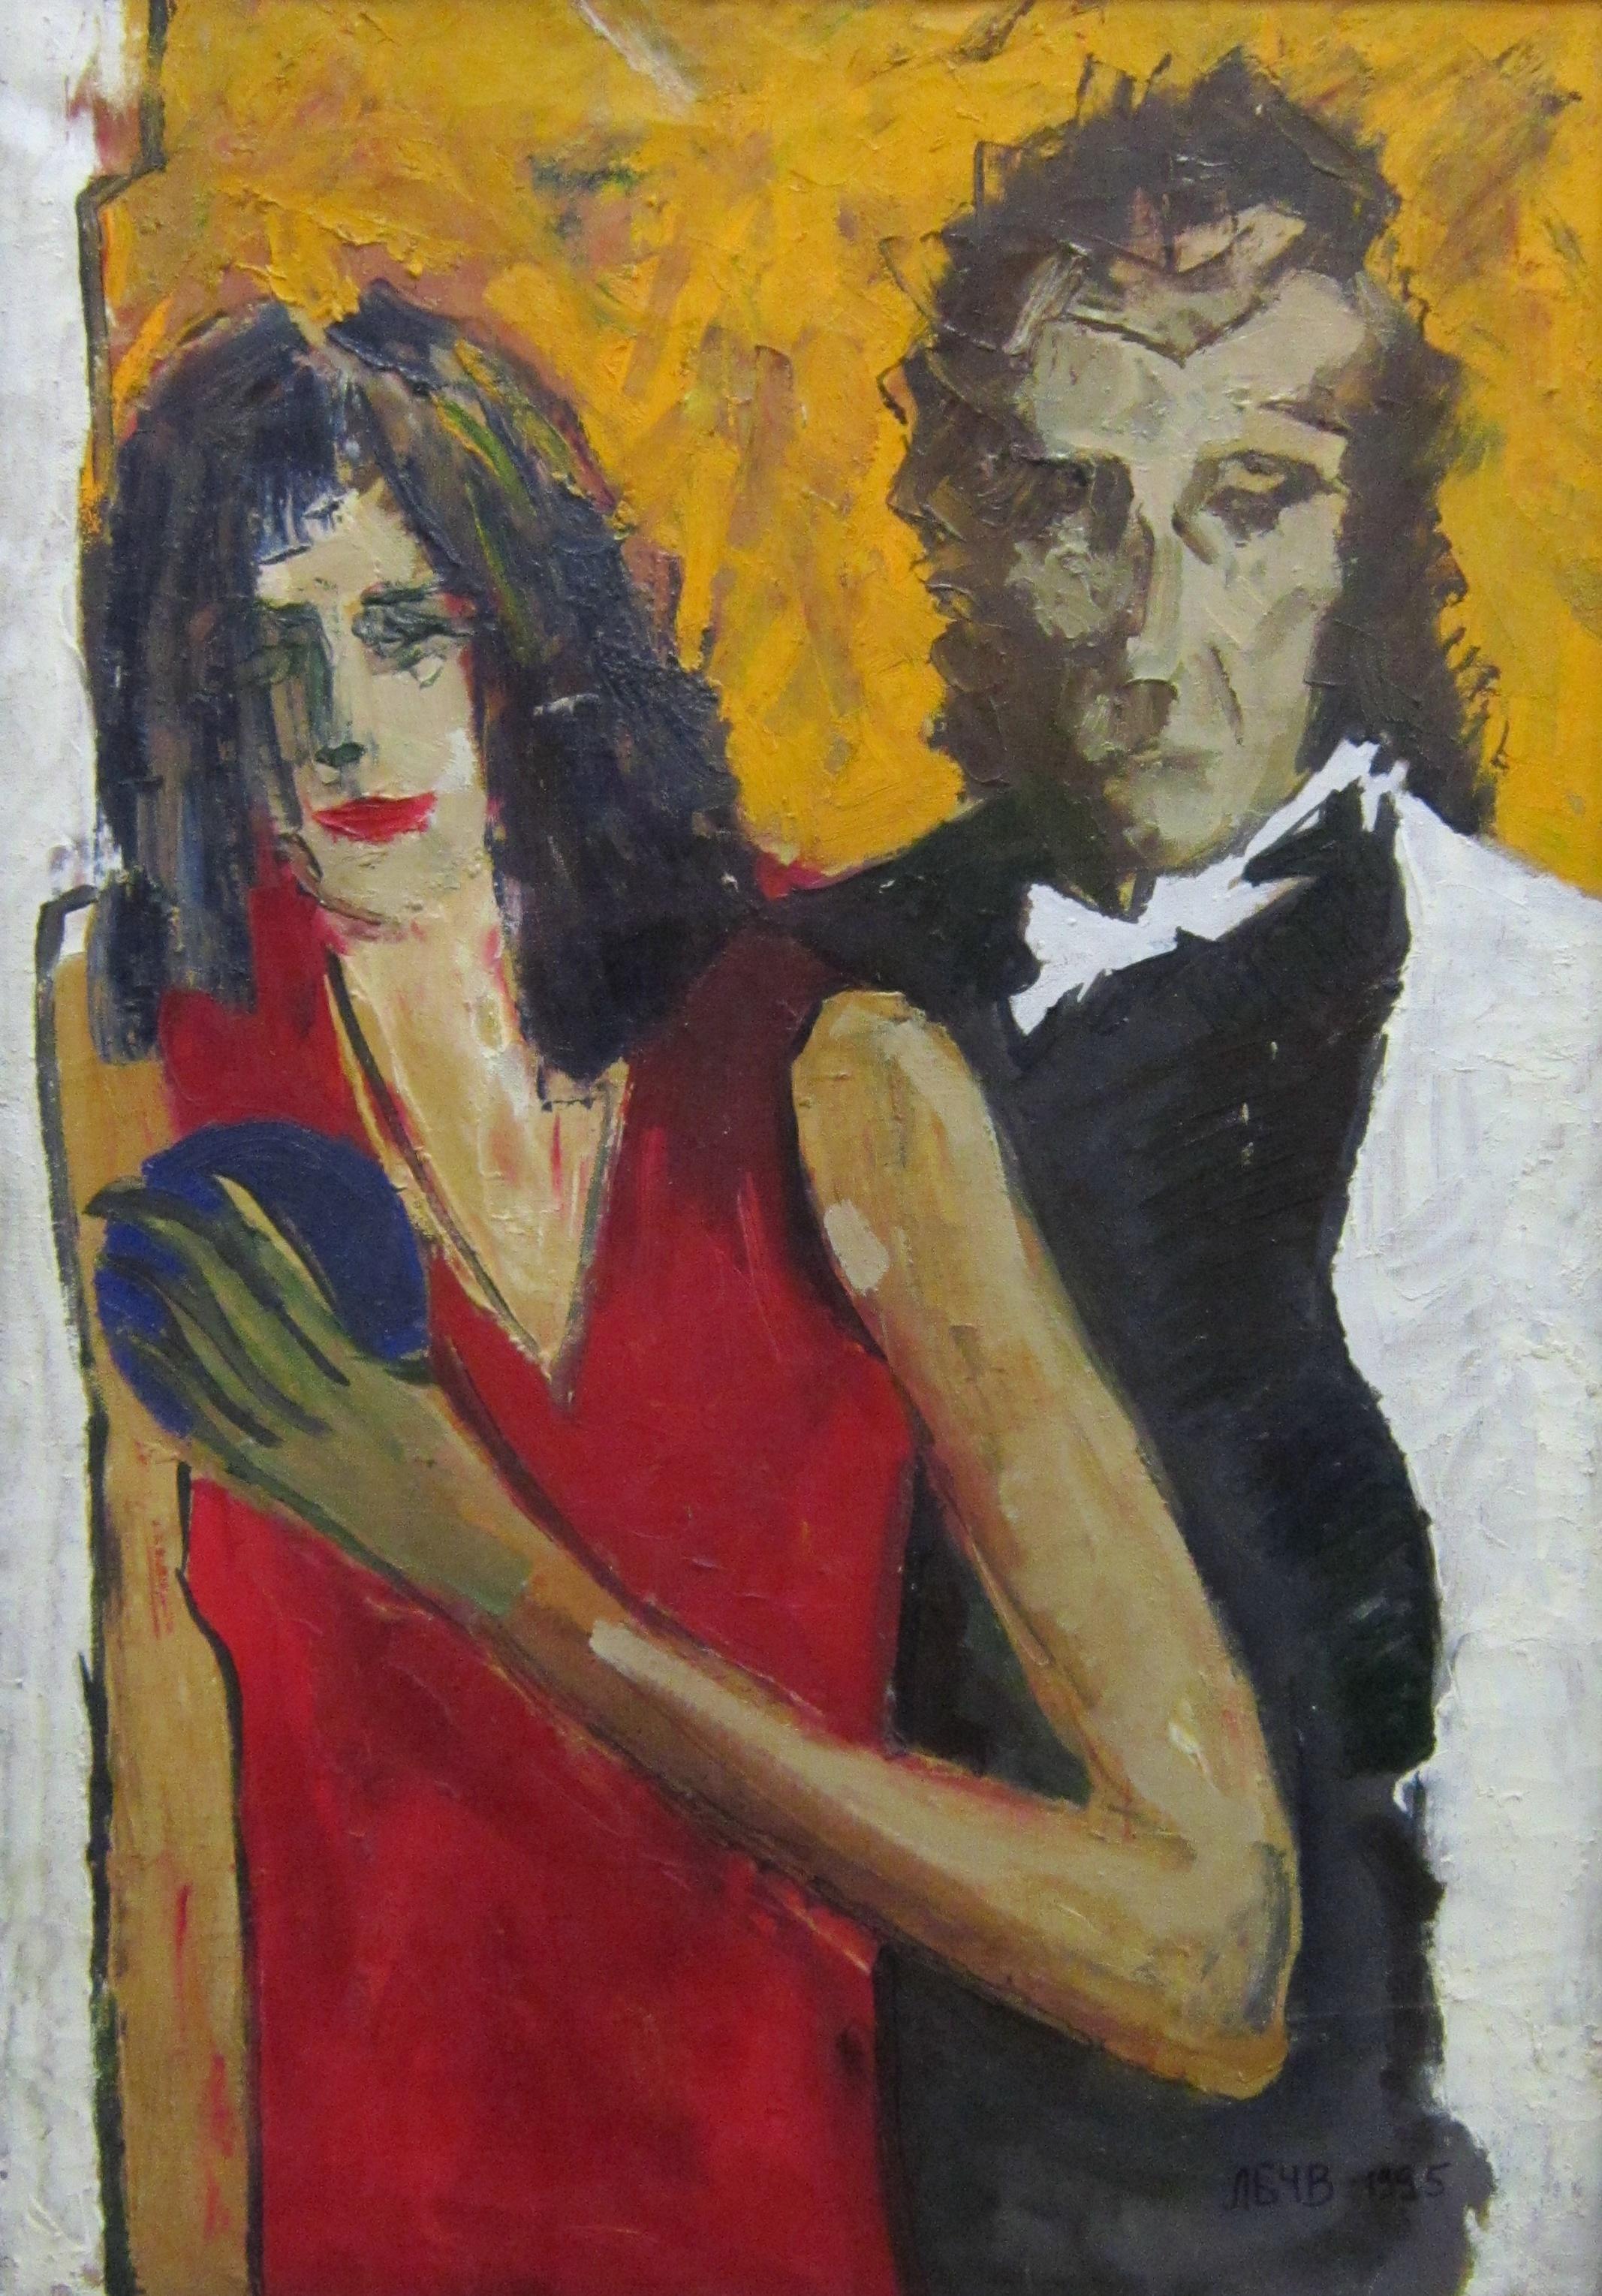 Виталий Анатольевич Лобачёв (род. в 1971 году). Зеркало. 1995 год.